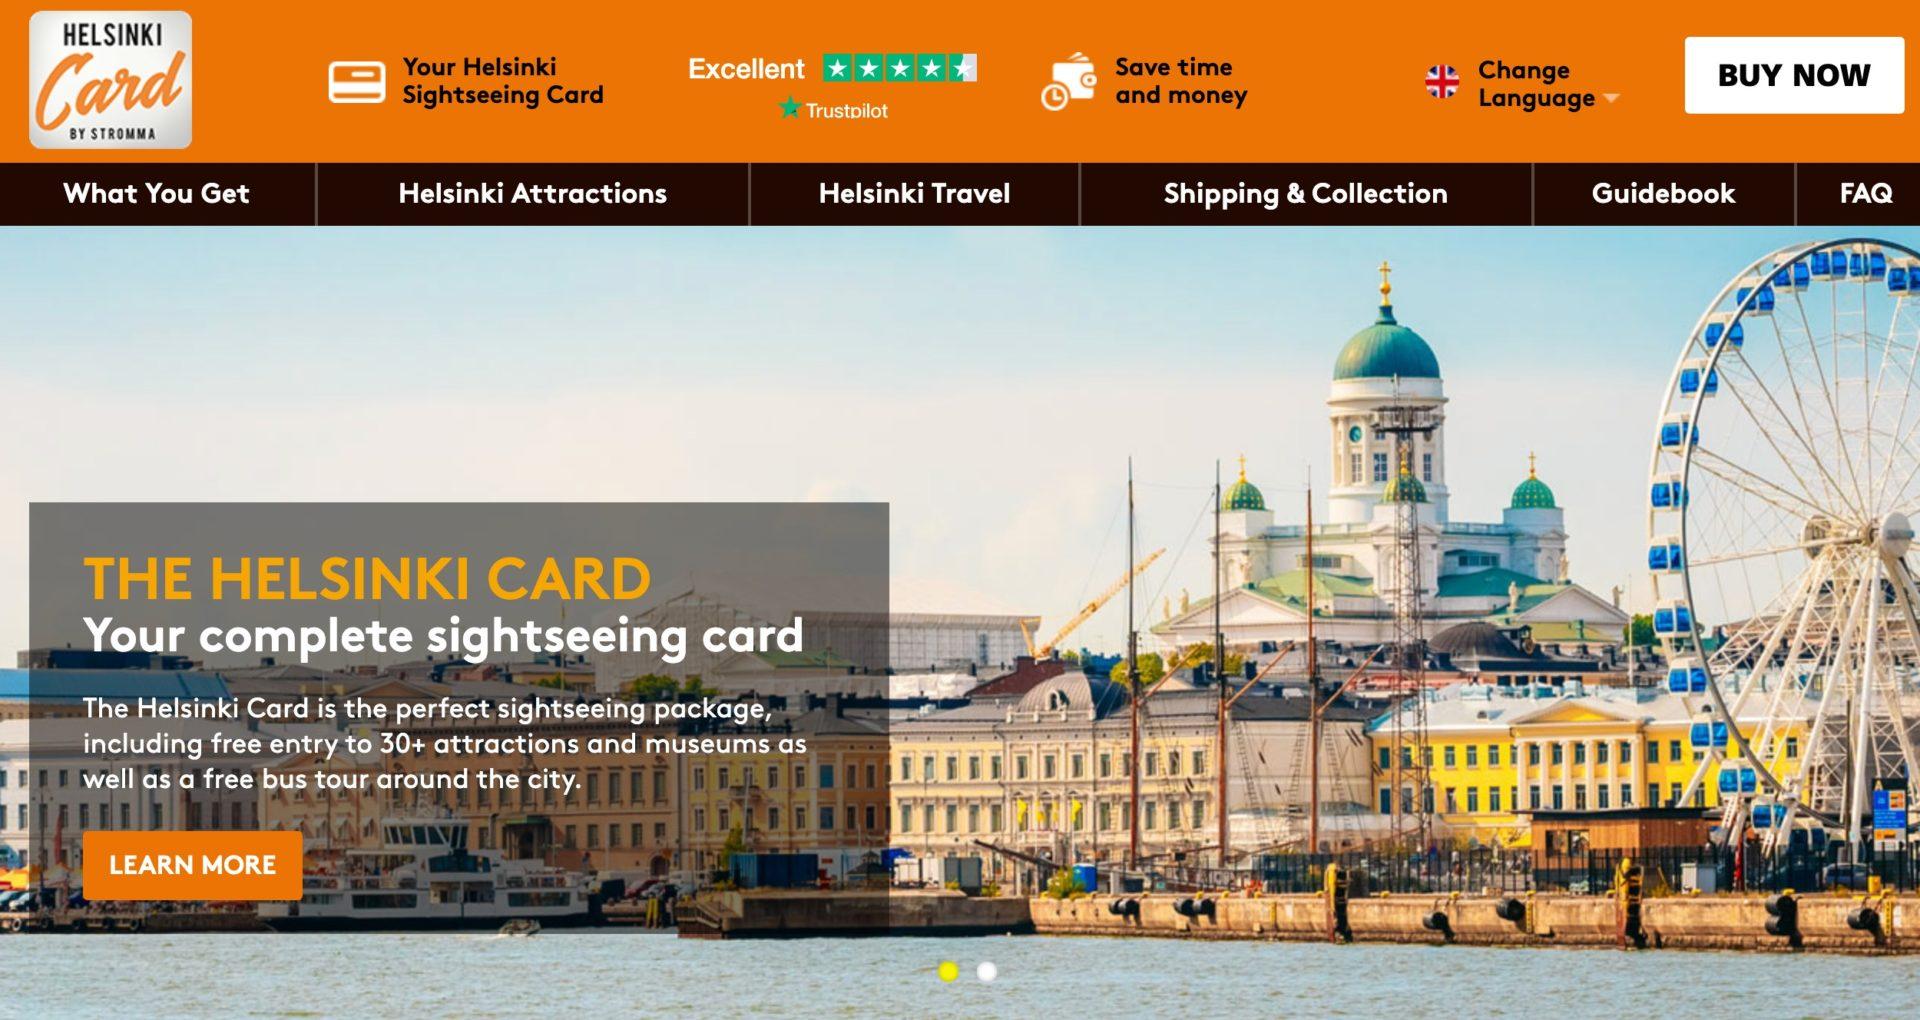 ヘルシンキカードの料金・割引情報・旅のプランについて|Helsinki Card